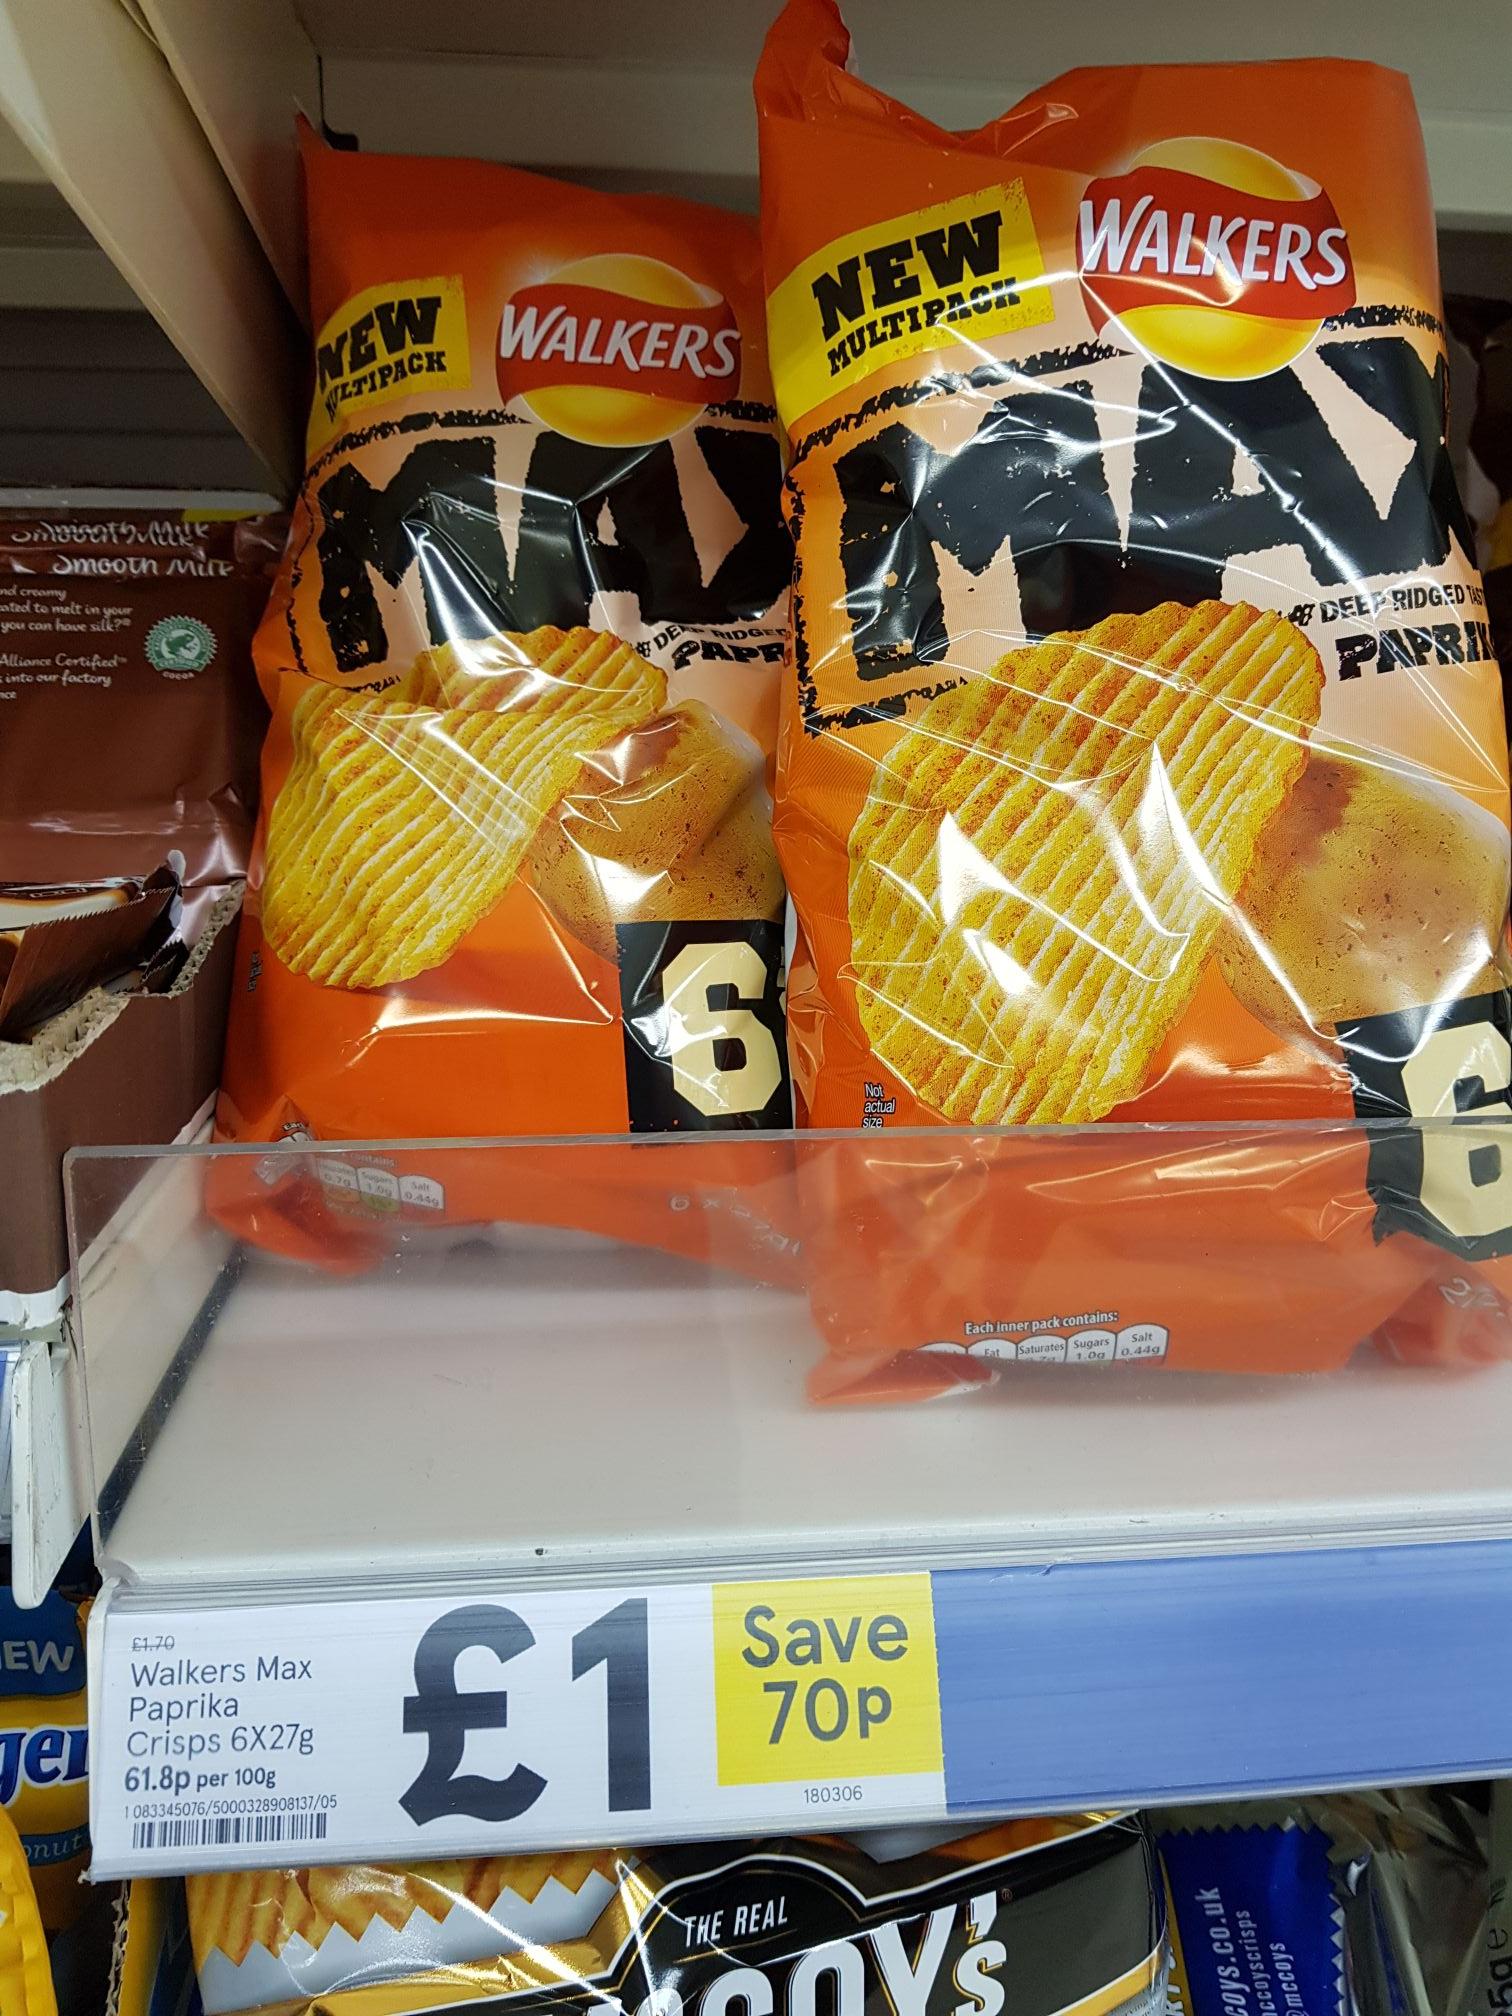 Walkers Paprika crisps!!! £1 for 6-pack @ Tesco